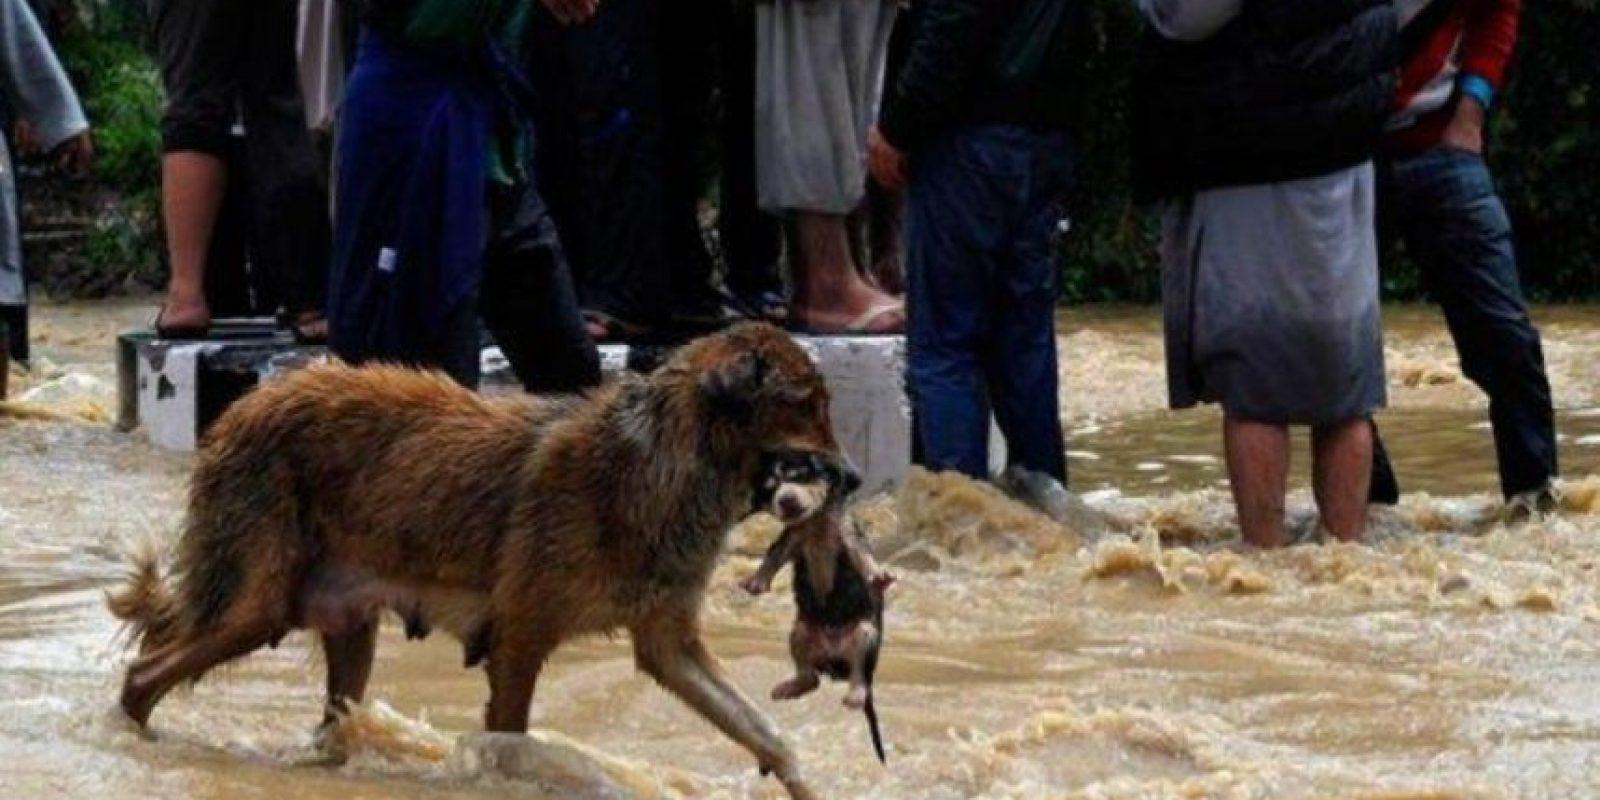 5. Una foto está conmocionando Twitter, que trata de un perro que rescata a su cachorro. Algunos aseguran que ocurrió en Chile, pero todo es mentira. El usuario llamado Sr Nico cuestionó la imagen e indicó que la fotografía no corresponde a Chile, sino a las inundaciones ocurridas en Cachemira el año pasado. Foto:Twitter